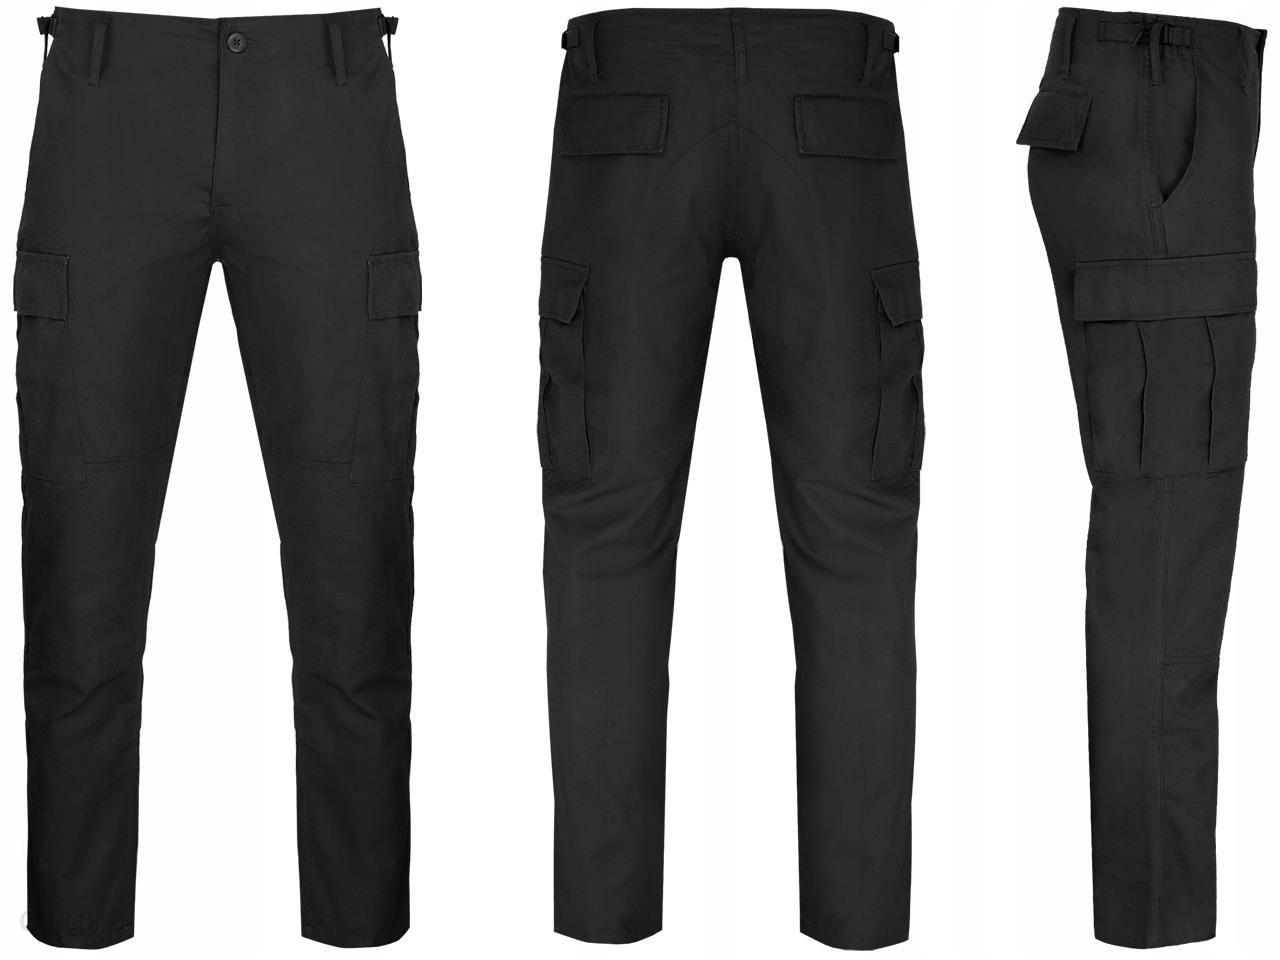 Spodnie Wojskowe Bdu Slim Fit RipStop Czarne 3XL